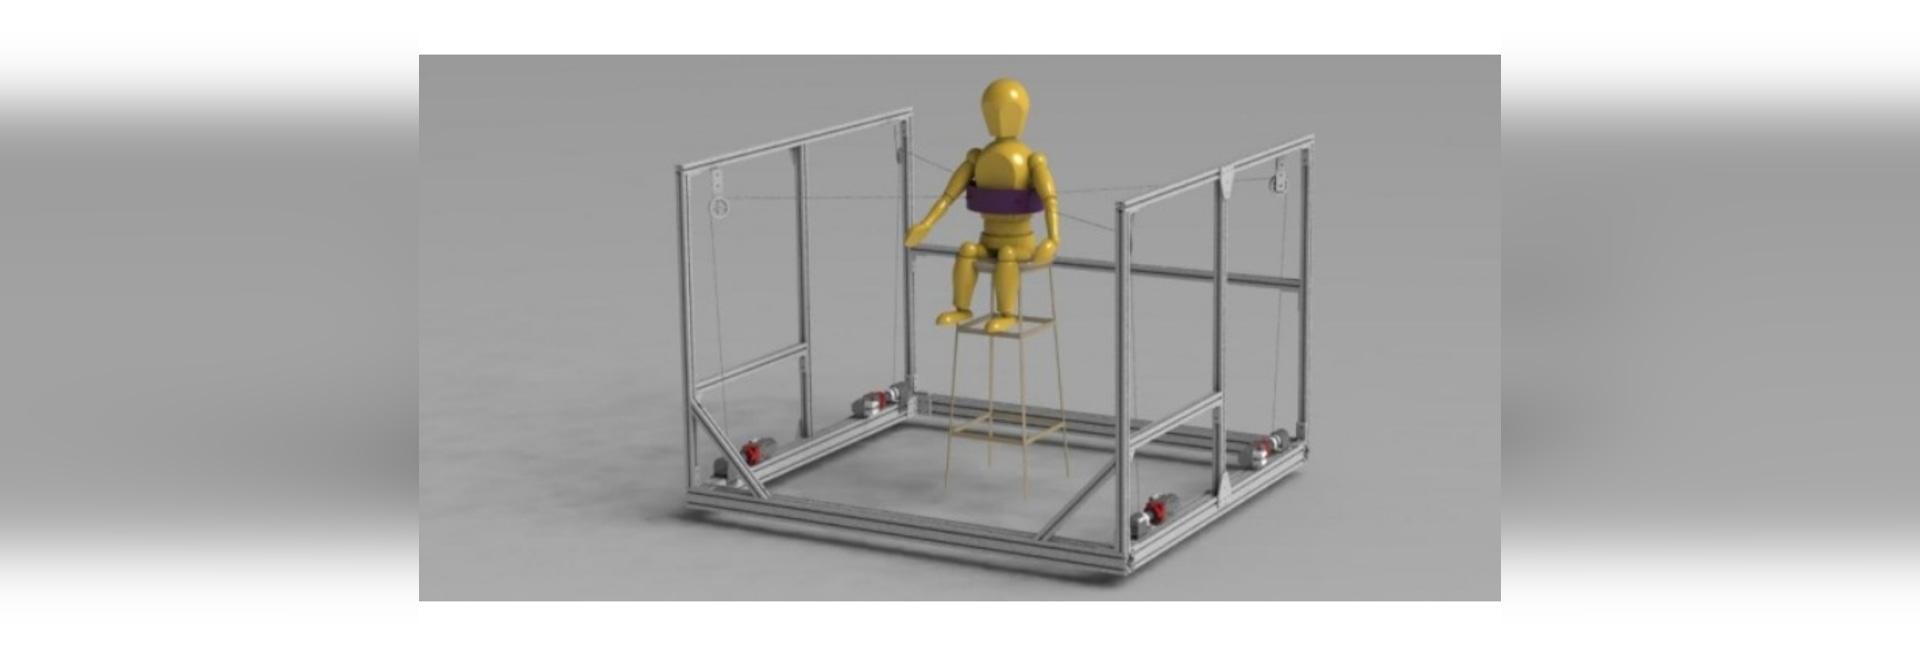 Gli ingegneri della Columbia inventano un istruttore robotico per le lesioni del midollo spinale